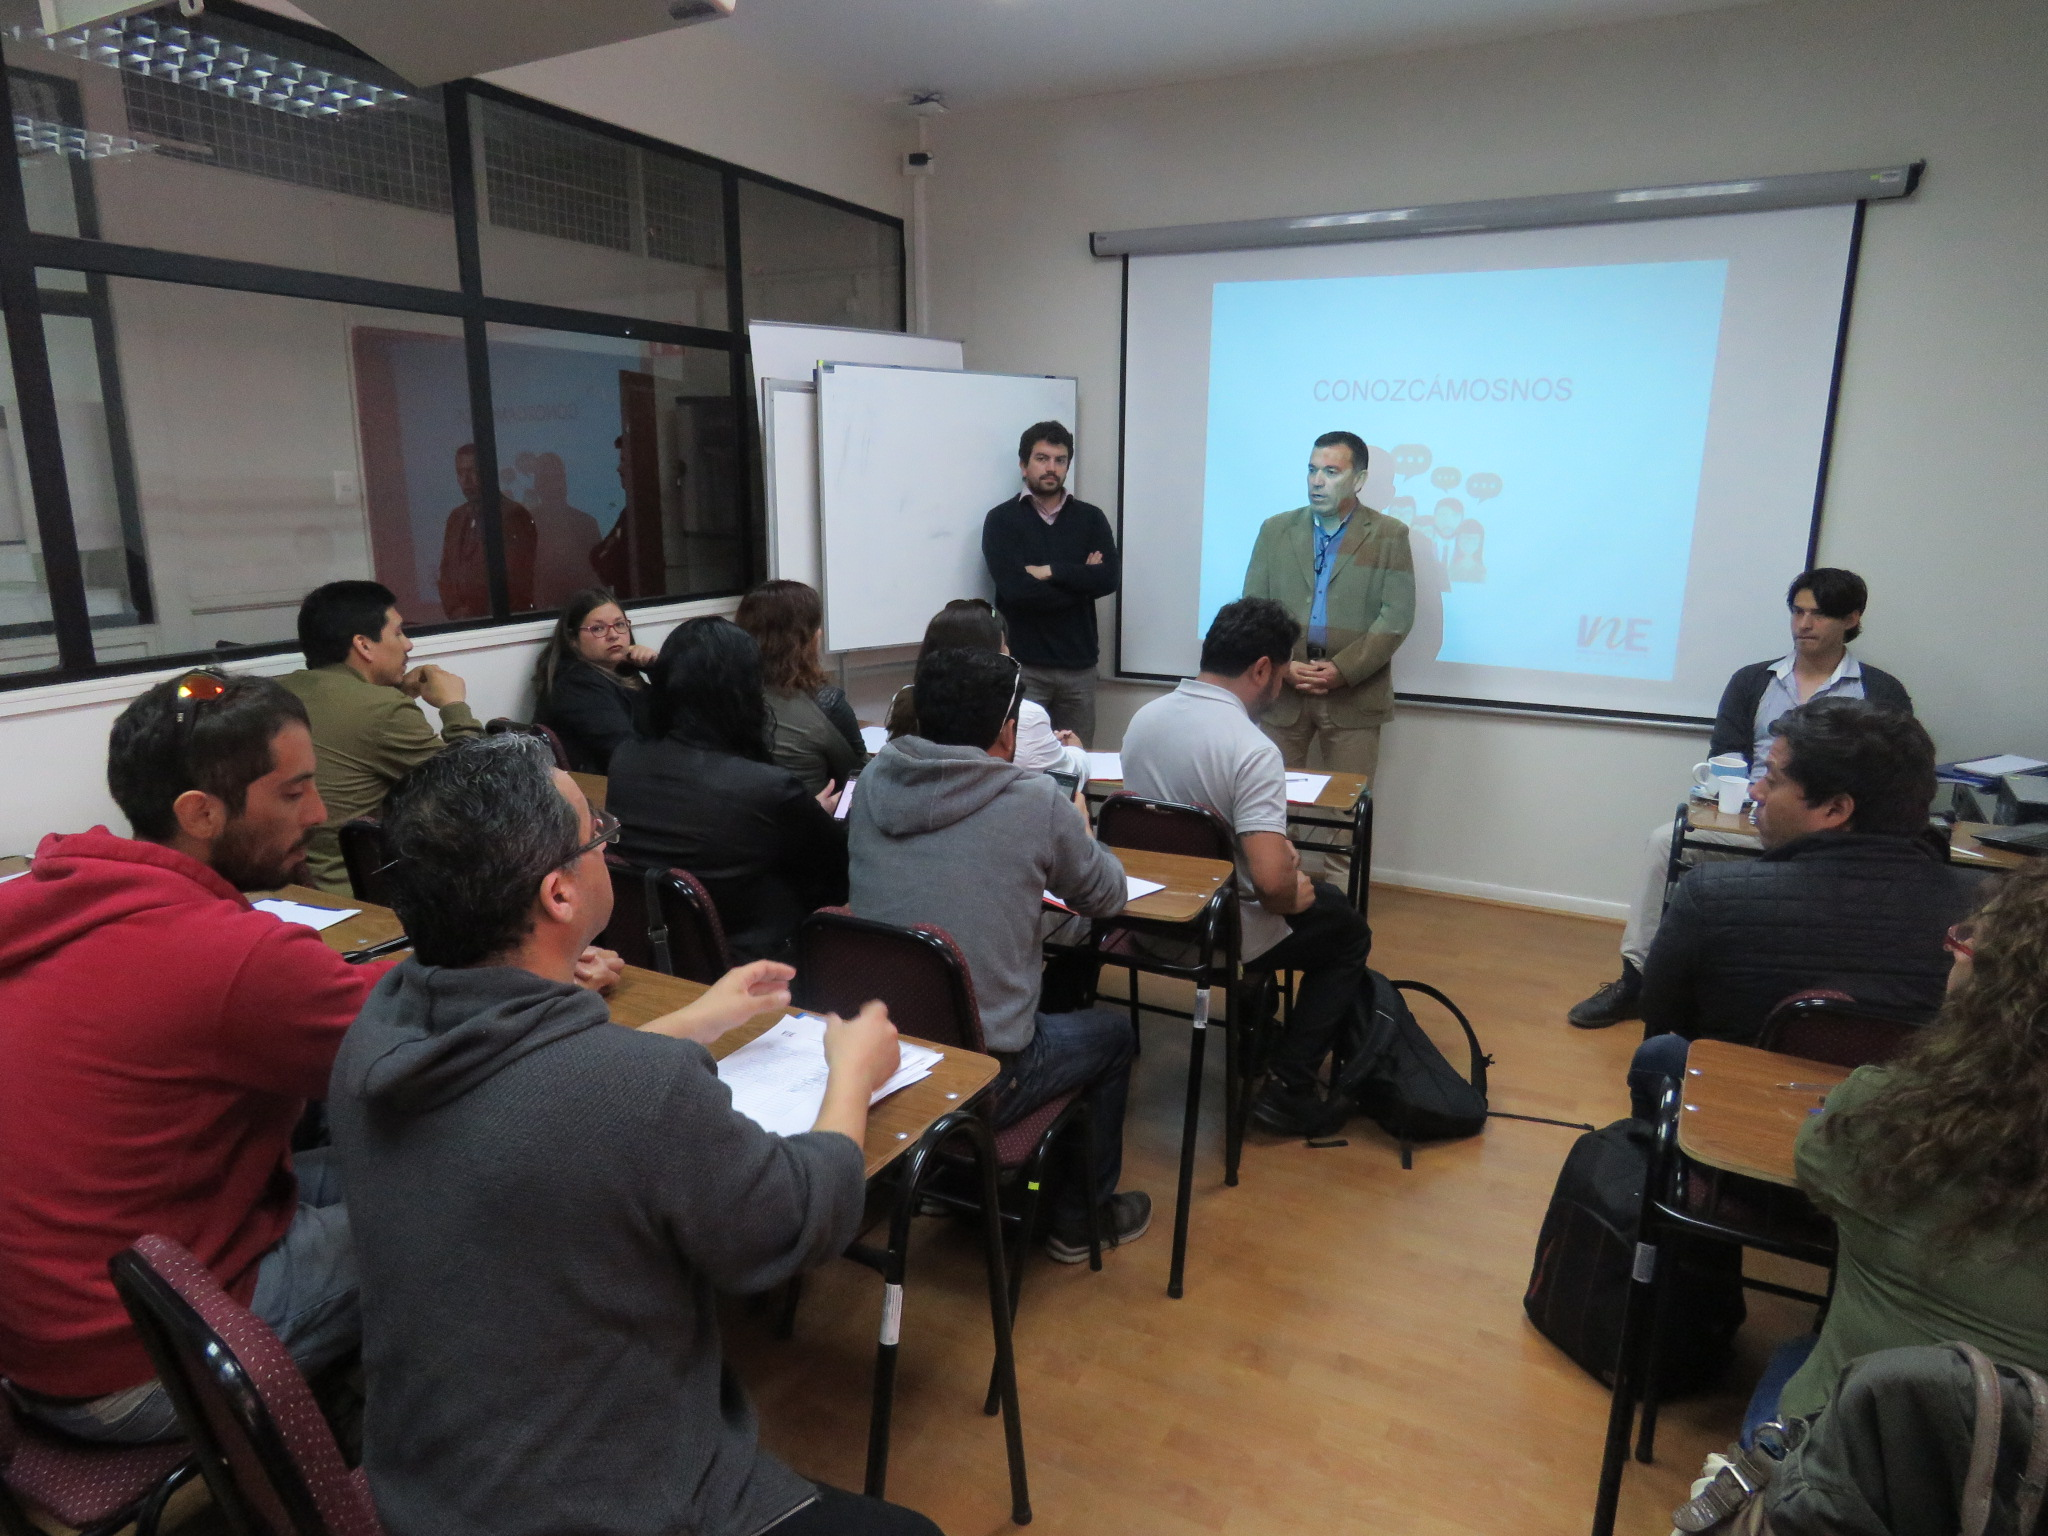 Más de 1.400 hogares de Copiapó y Vallenar serán parte de Encuesta Nacional Urbana de Seguridad Ciudadana